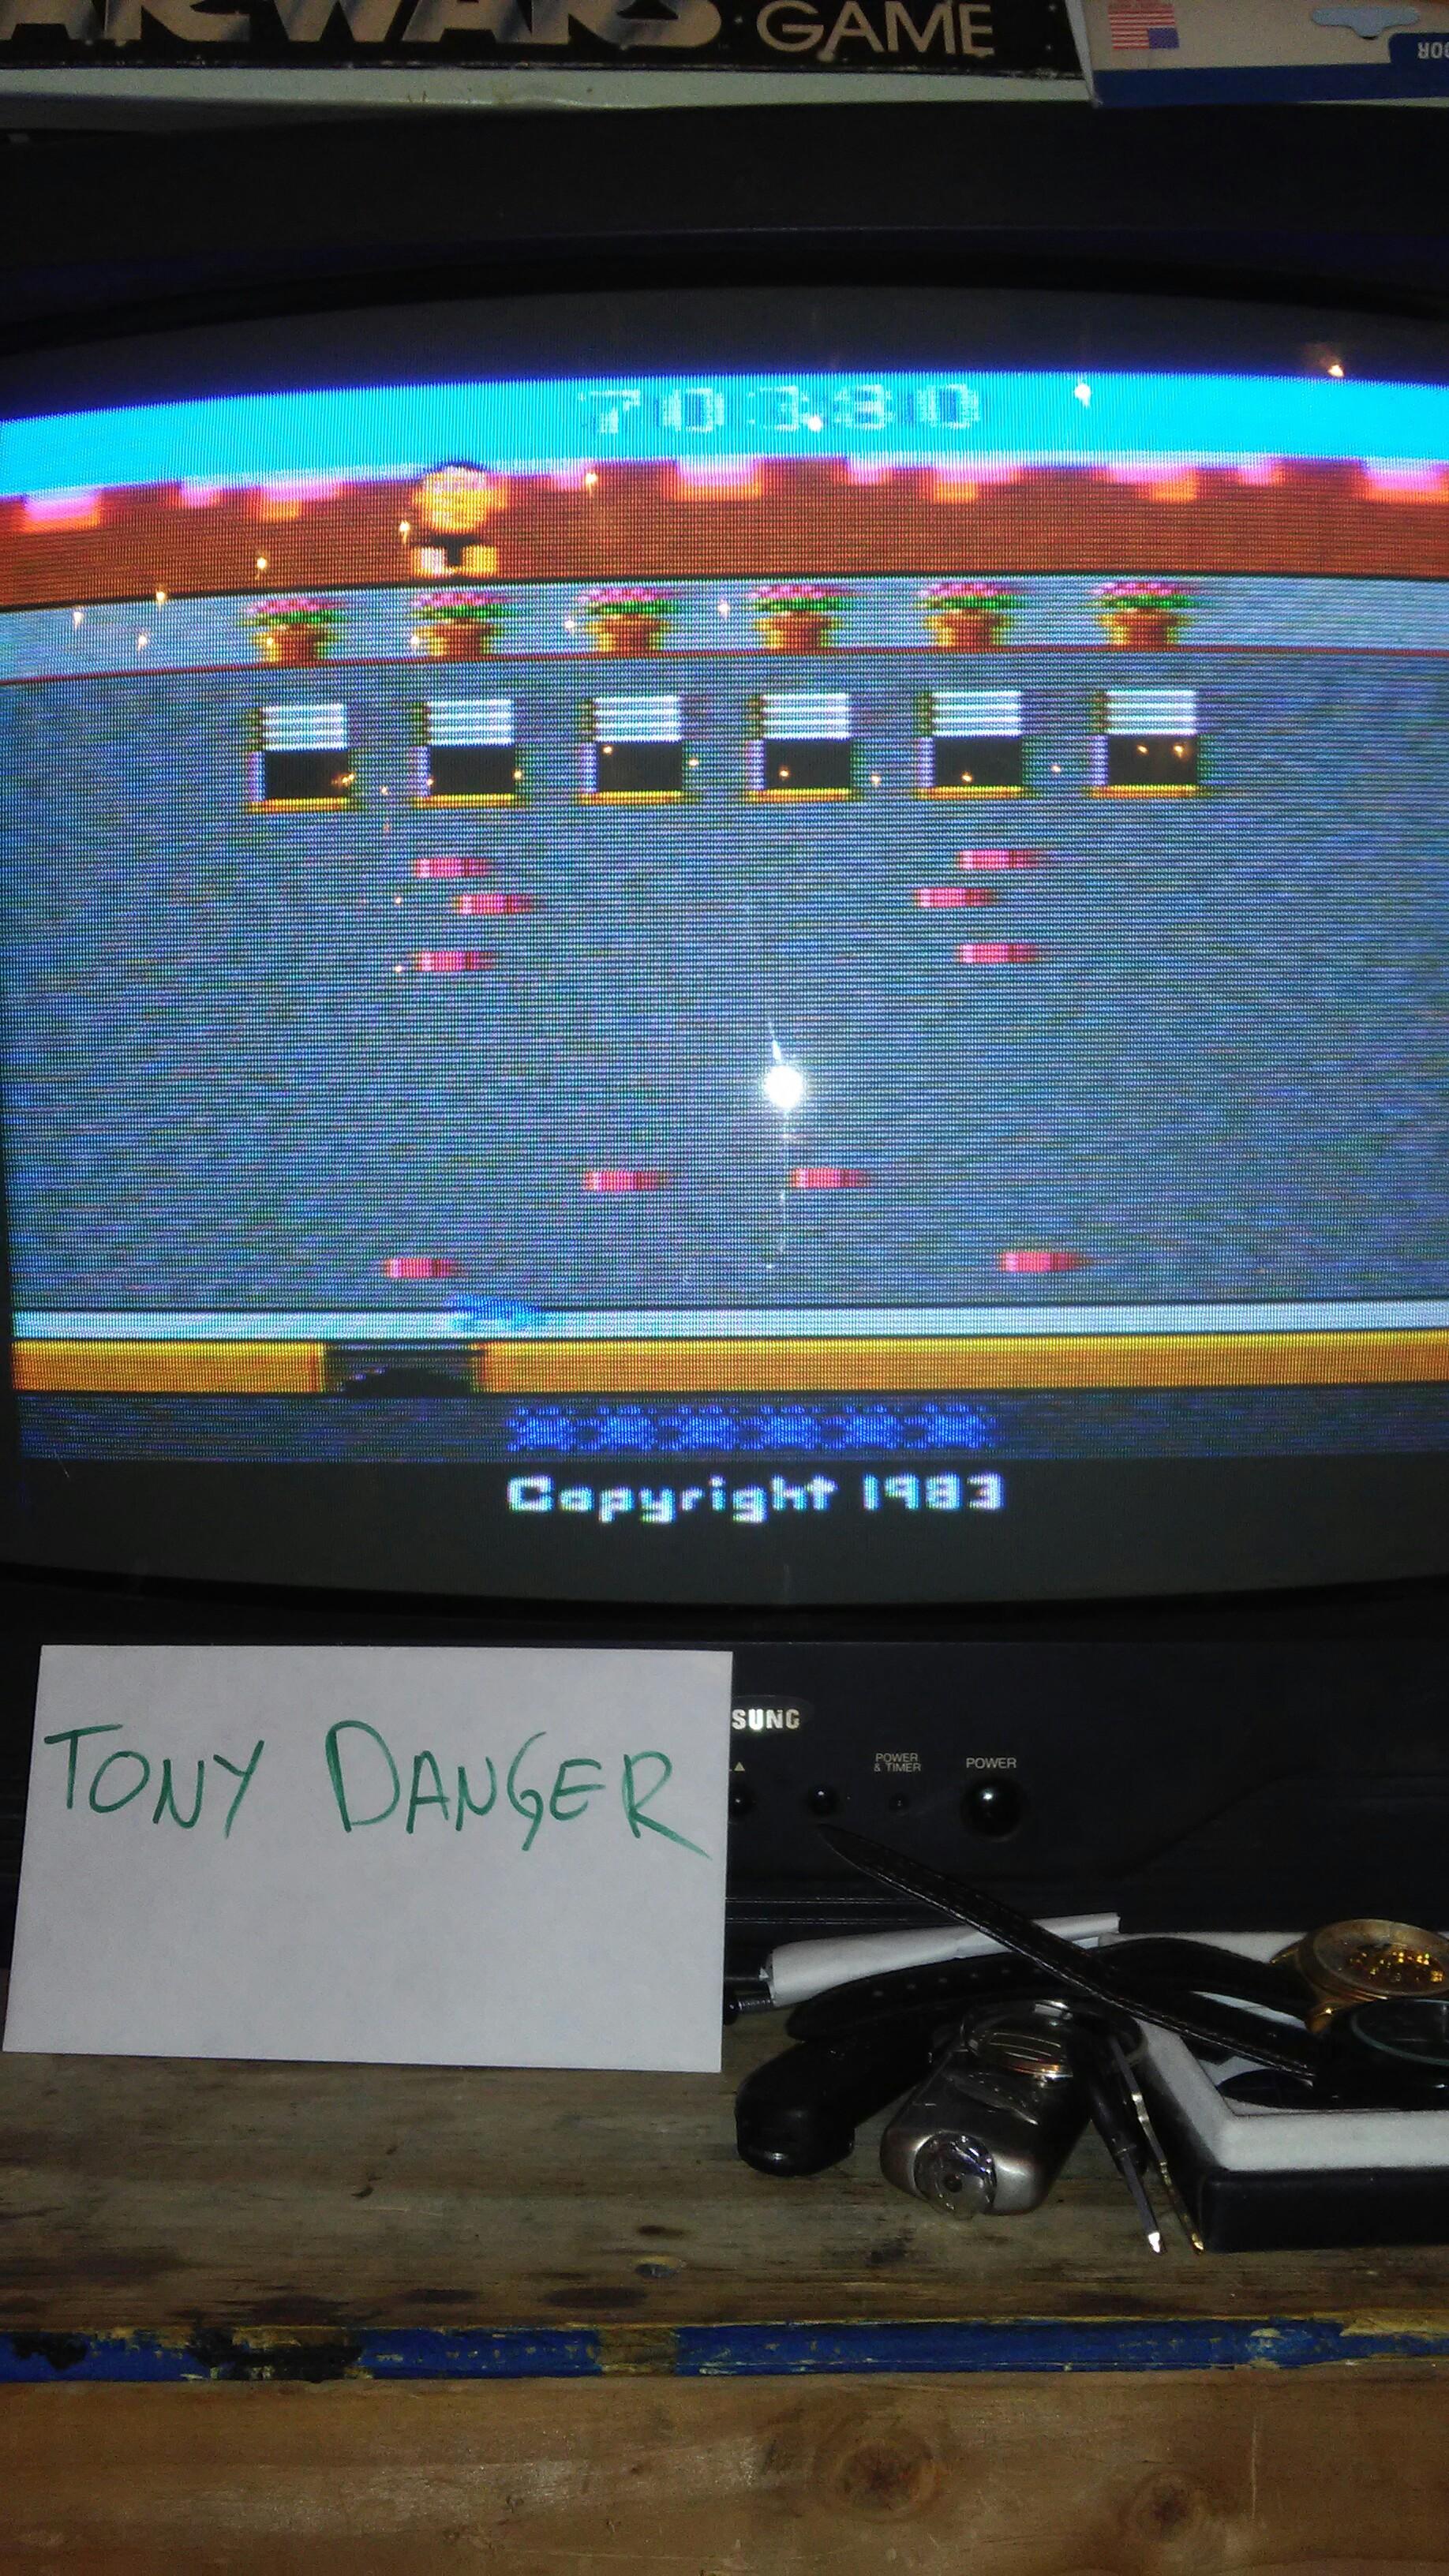 TonyDanger: Crackpots (Atari 2600) 70,380 points on 2016-12-21 11:36:13